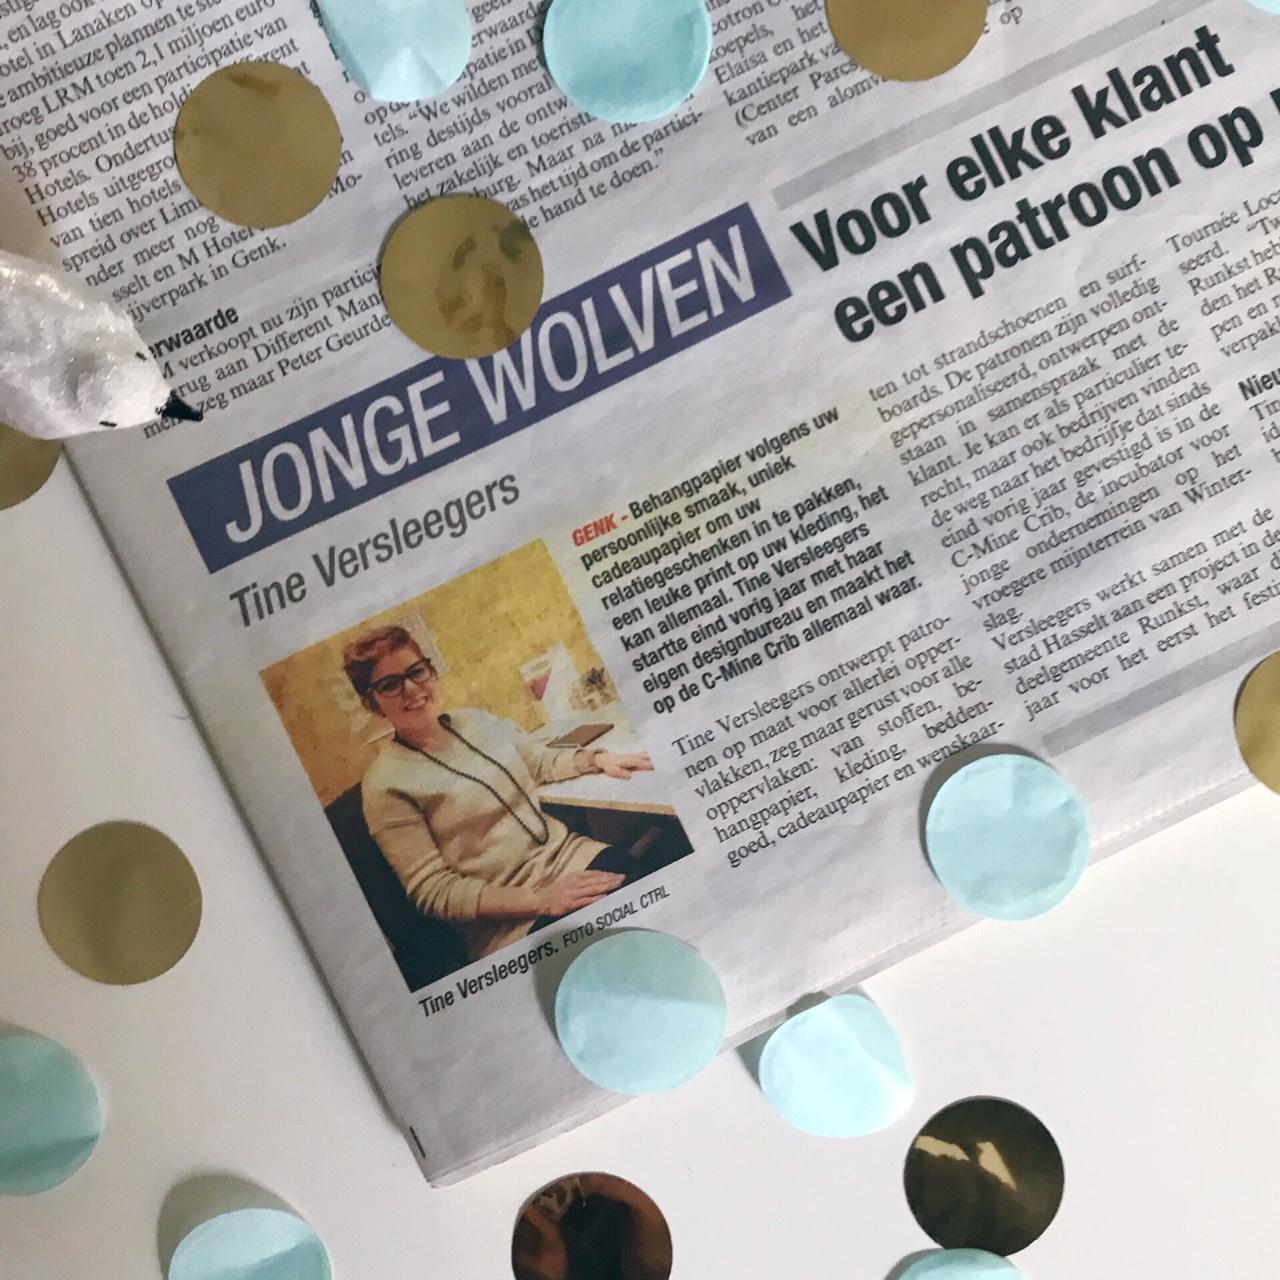 """Artikel over dessinontwerpster Tine Versleegers die patronen op maat maakt vanuit haar studio in de C-Mine Crib. Verschenen in de rubriek """"jonge wolven"""" van Het Belang van Limburg op 6 maart 2018."""